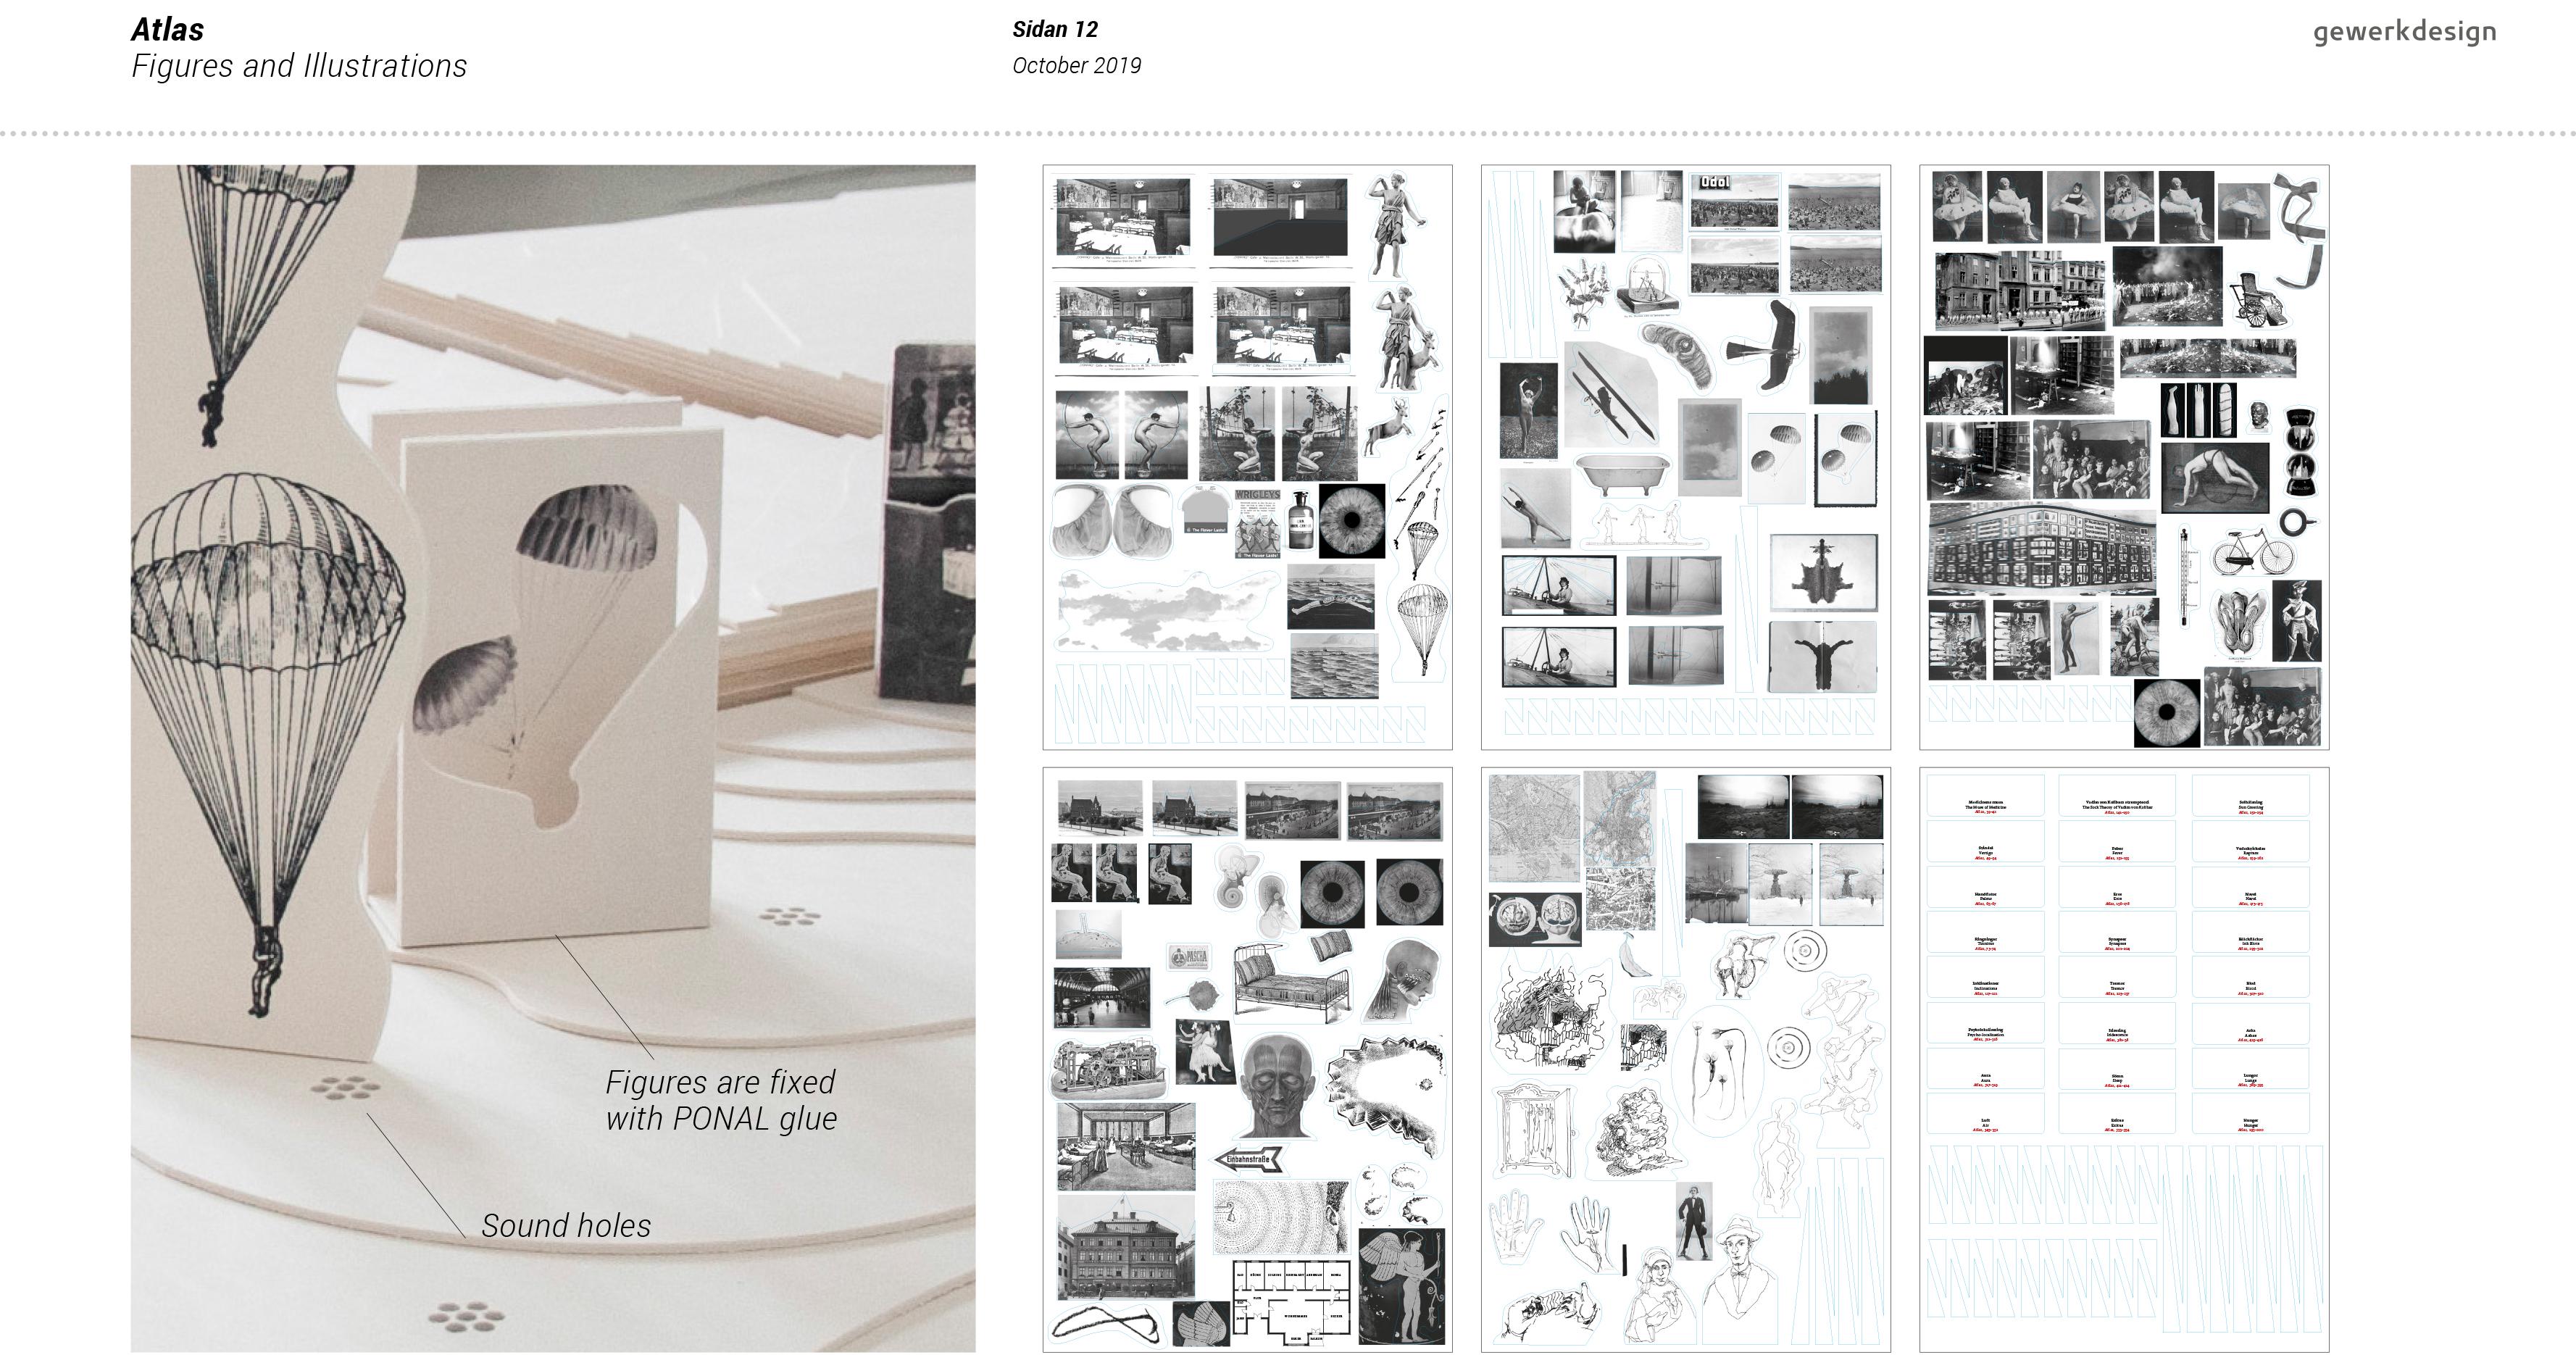 Produktion aller Bildvorlagen im Digitaldruck auf Finnpappe mit anschliessender Fräsung